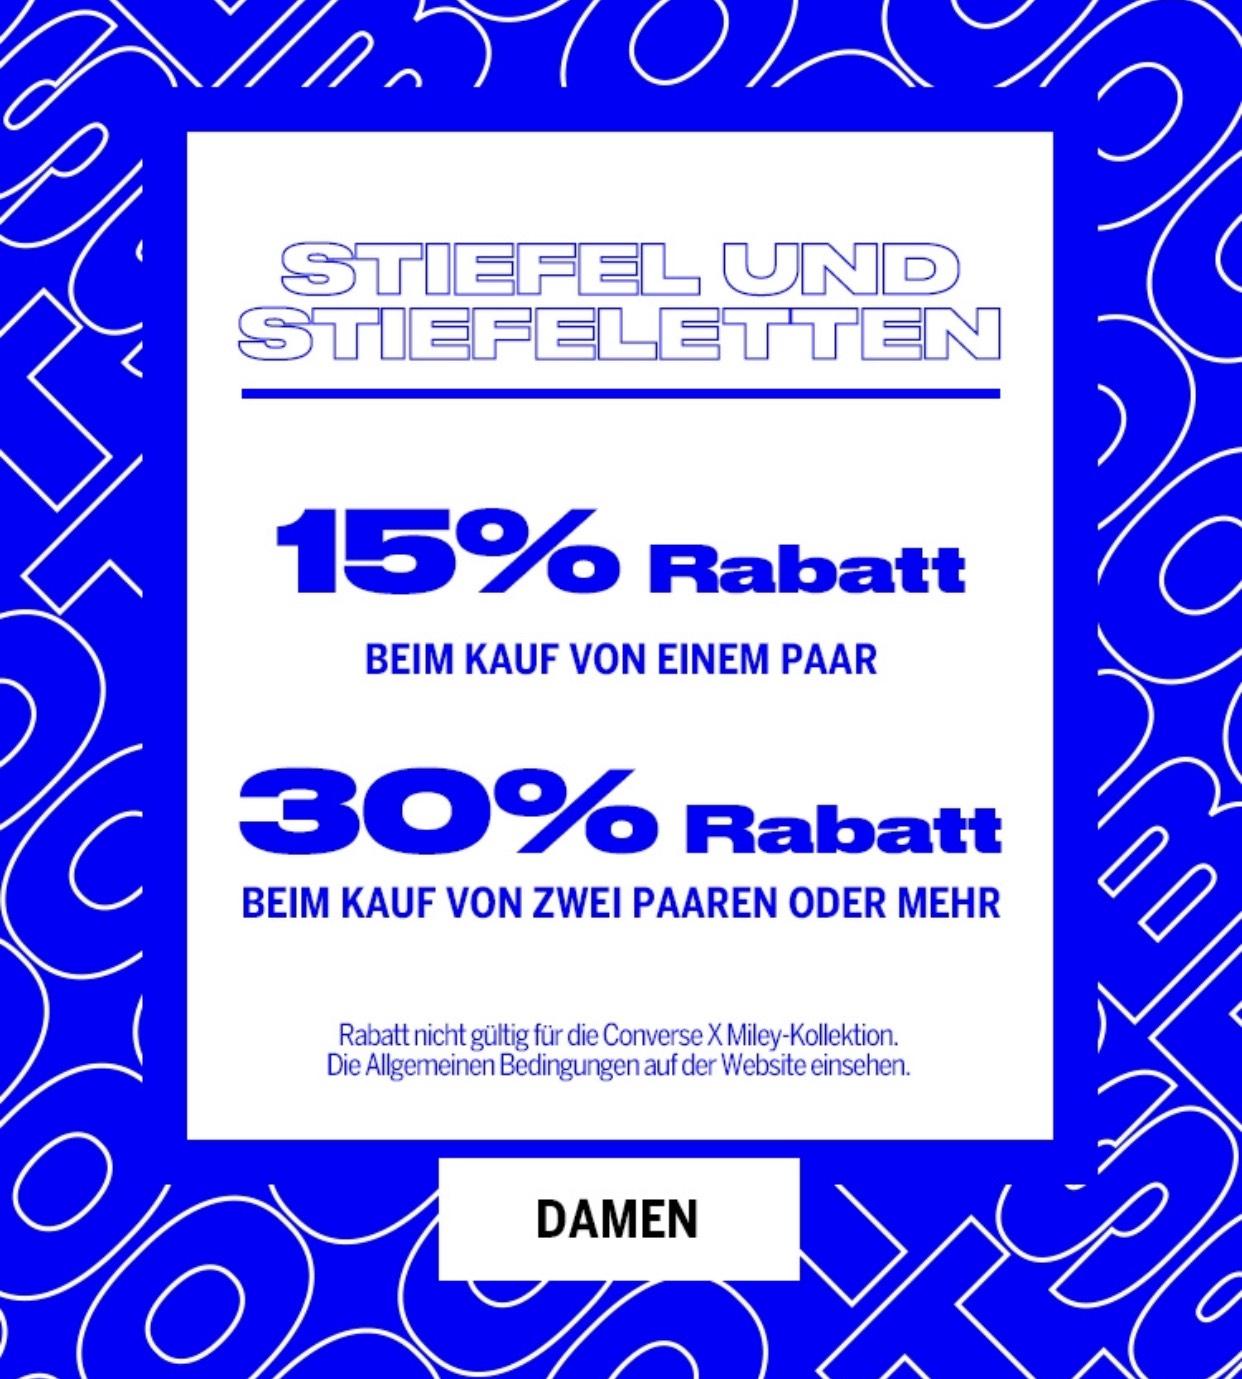 Bershka 15% und 30% Rabatt beim Kauf von Stiefel und Stiefeletten, und ausgewählten Artikeln [gratis Versand]